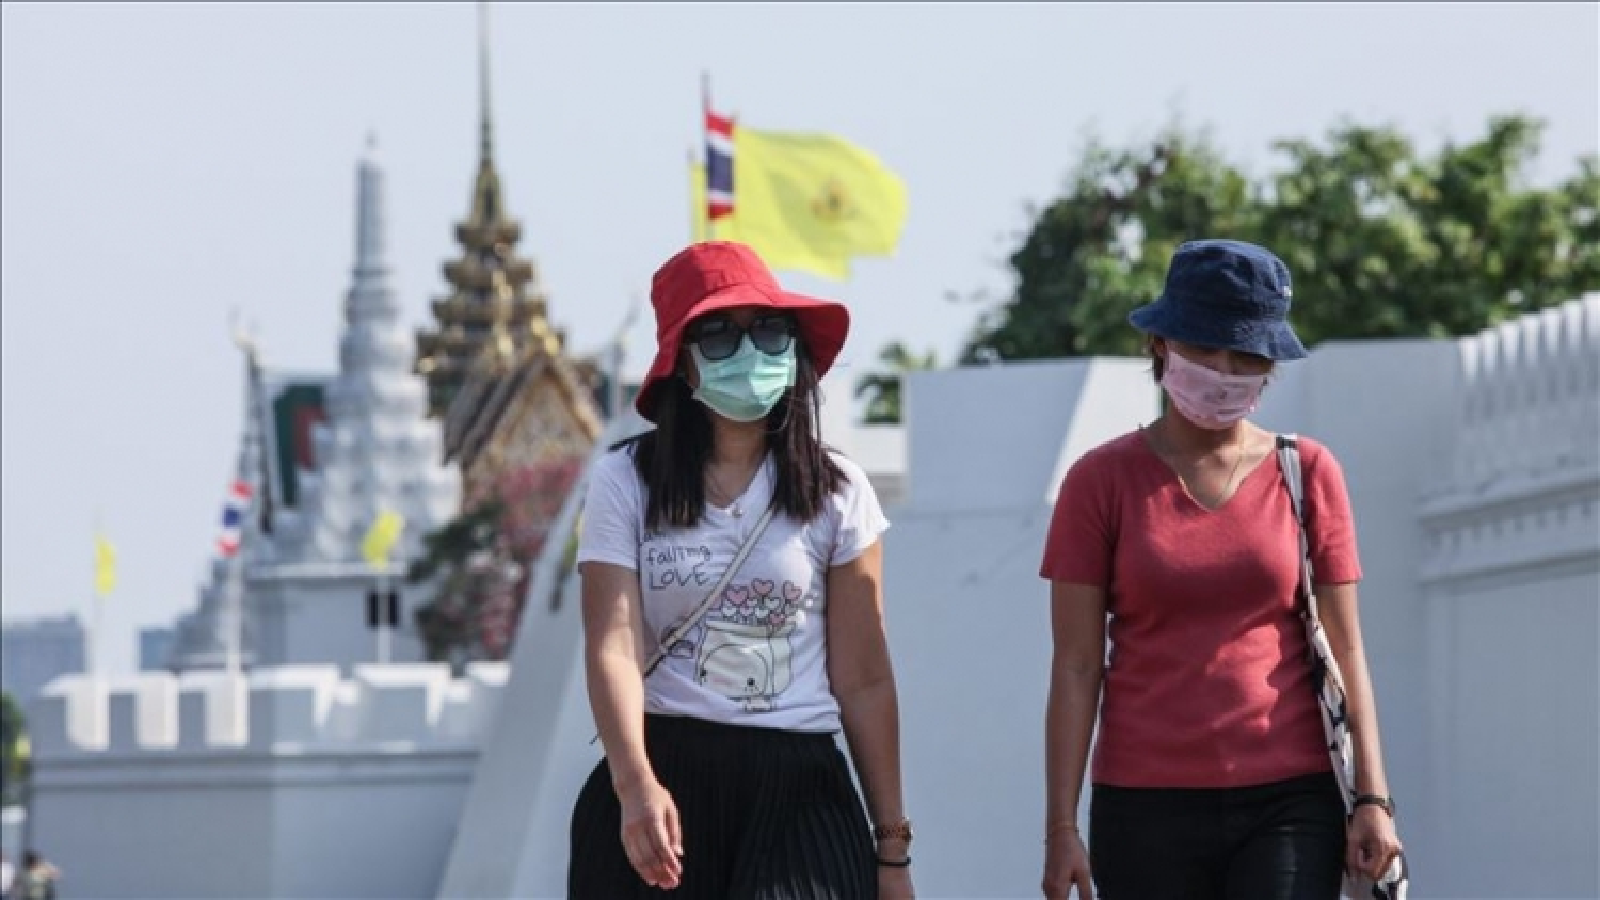 Thái Lan ghi nhận số ca mắc Covid-19 mới trong cộng đồng cao nhất trong 7 tháng qua